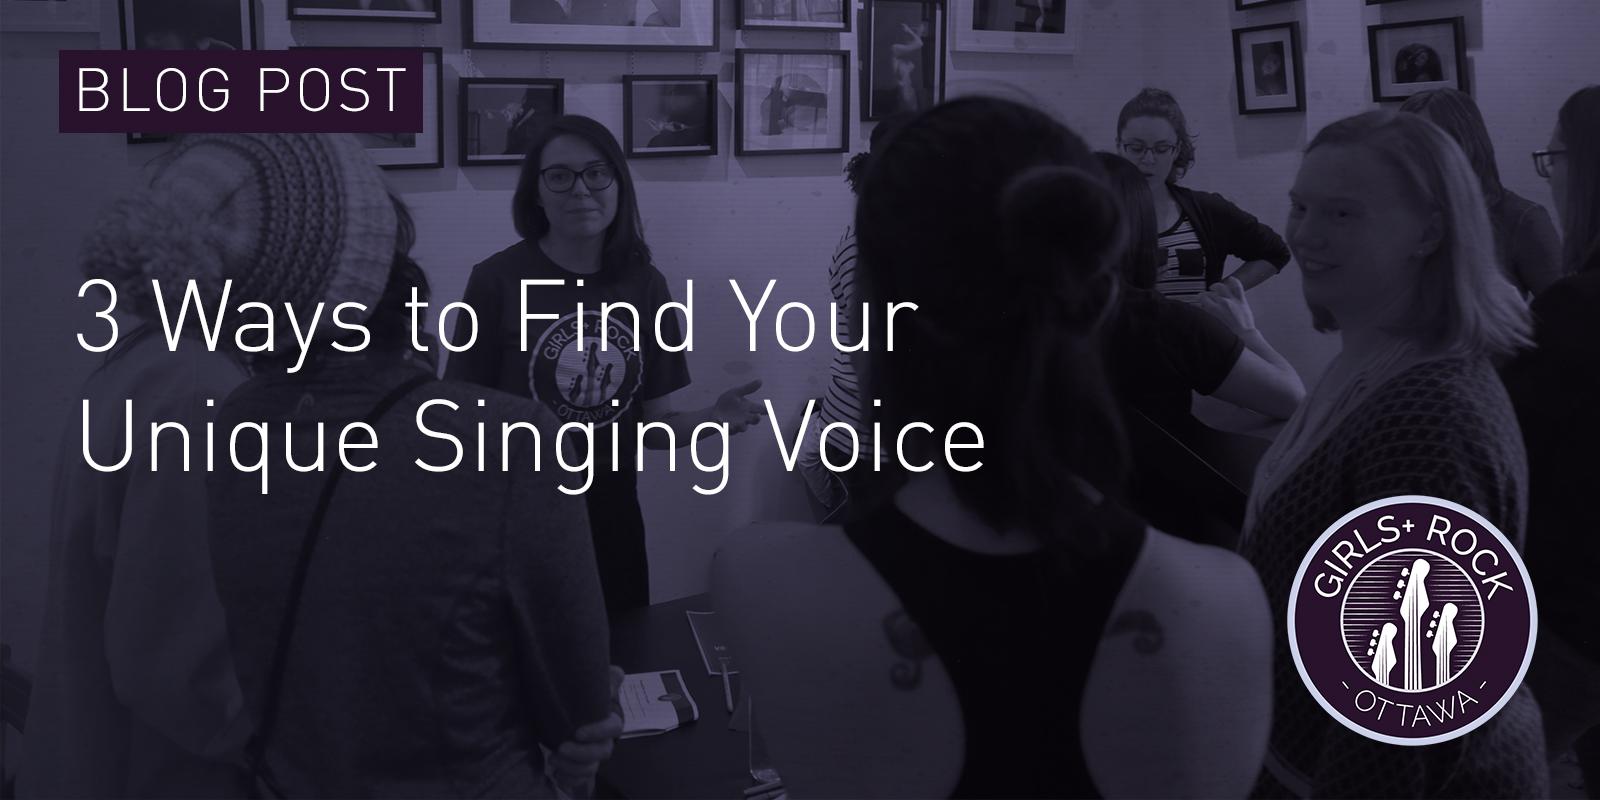 vocal-101-blog-image.jpg